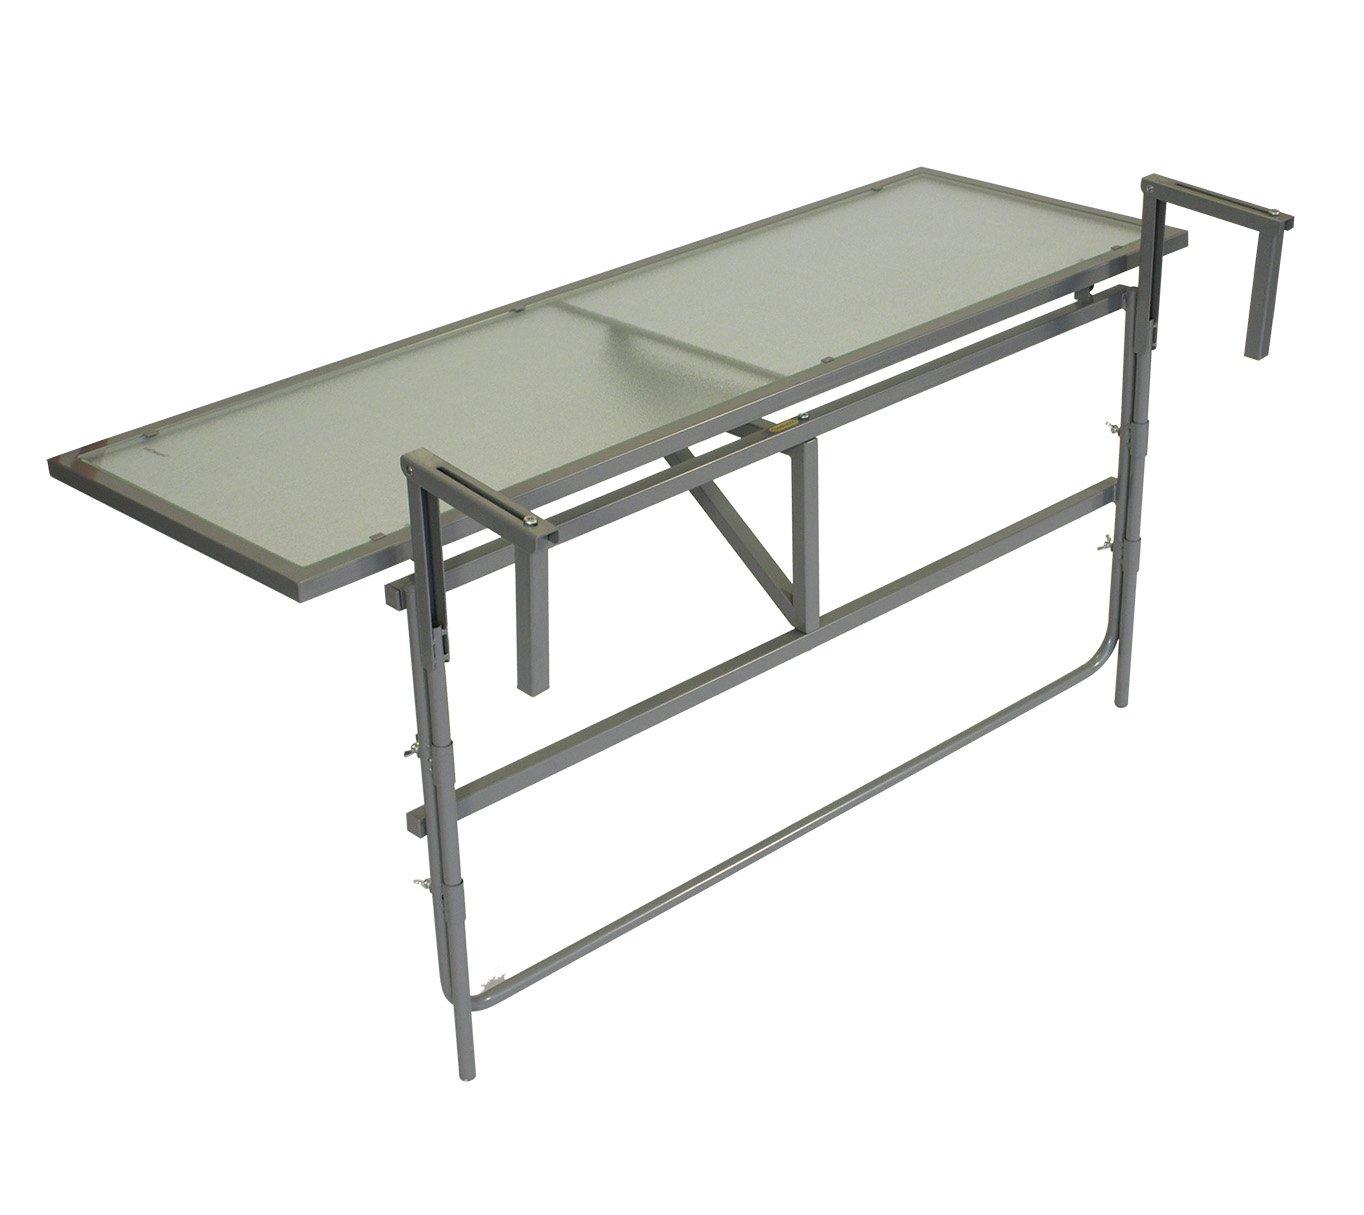 Balkonhängetisch 120x40cm, Stahl grau + Sicherheitsglas, klappbar